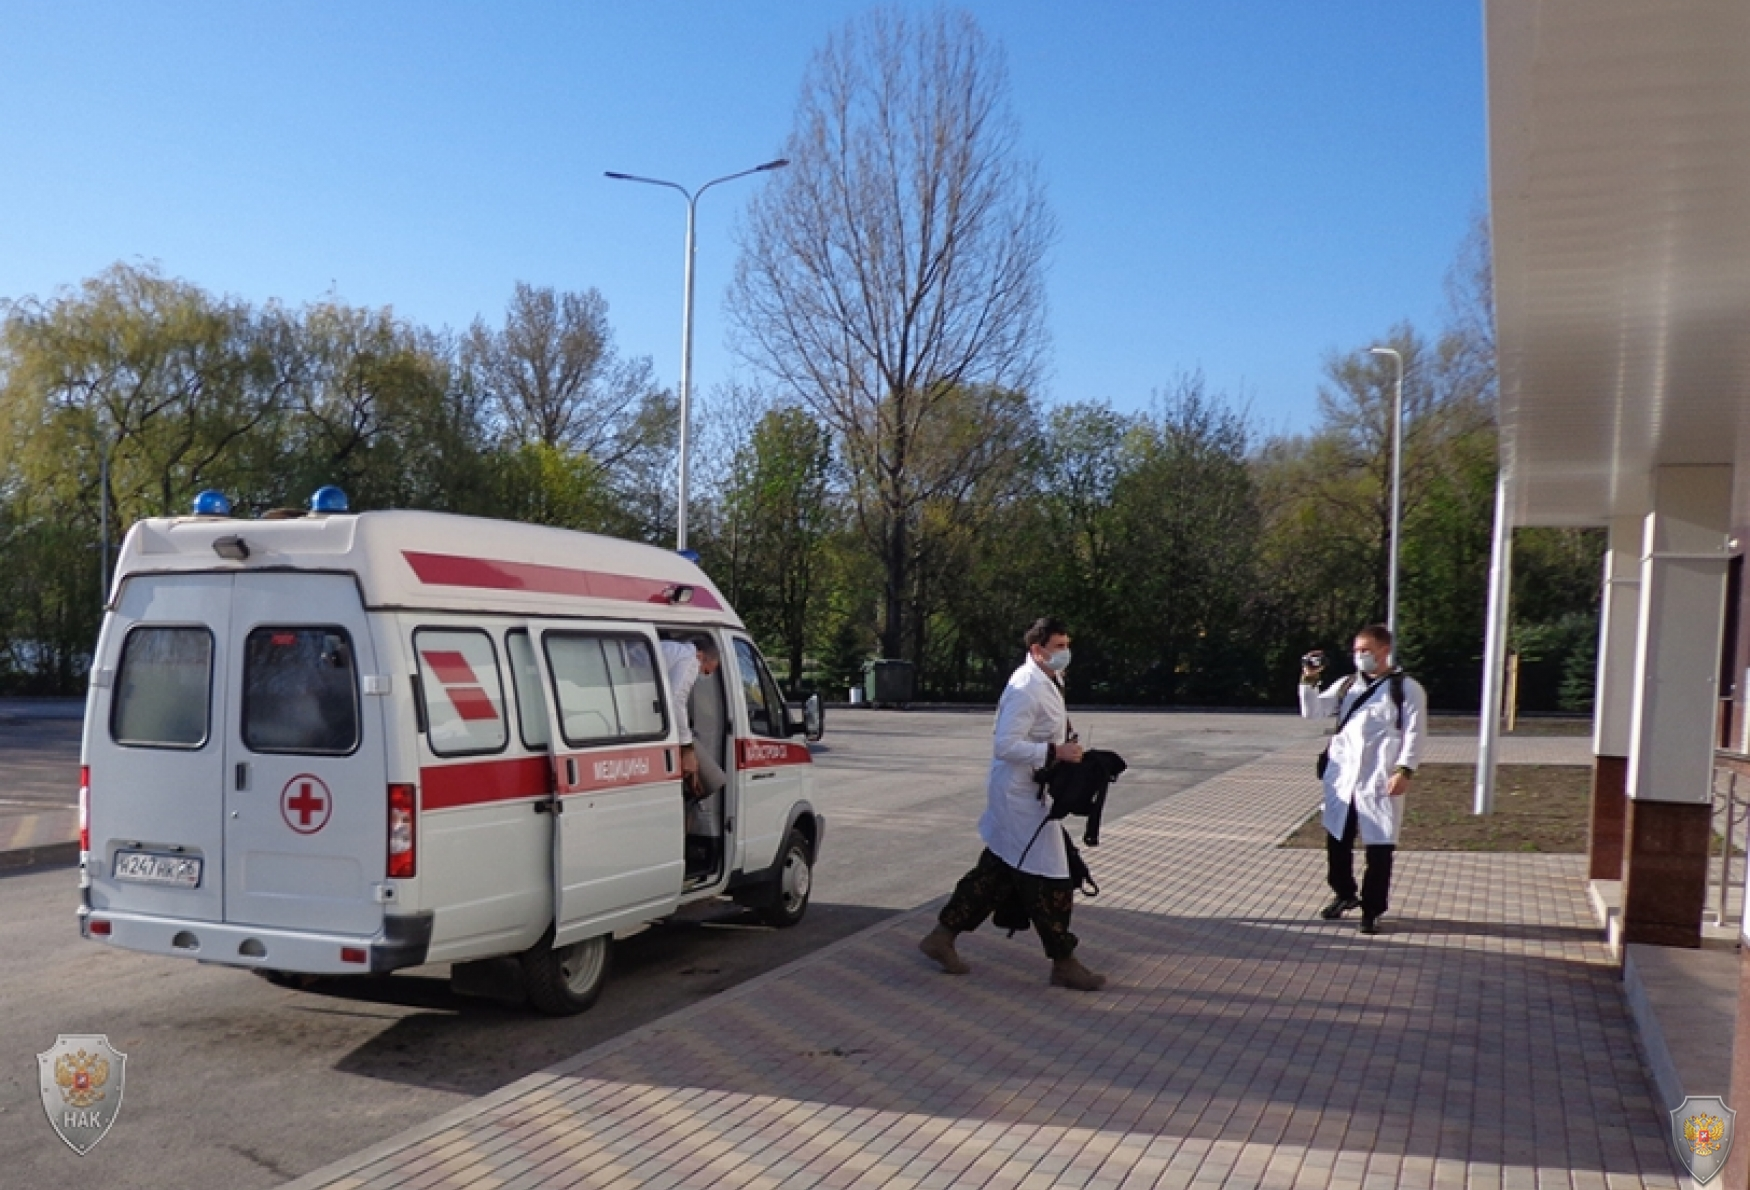 Захват условной террористической группой с использованием автомобиля скорой помощи спортивного комплекса «Ессентуки-Арена»